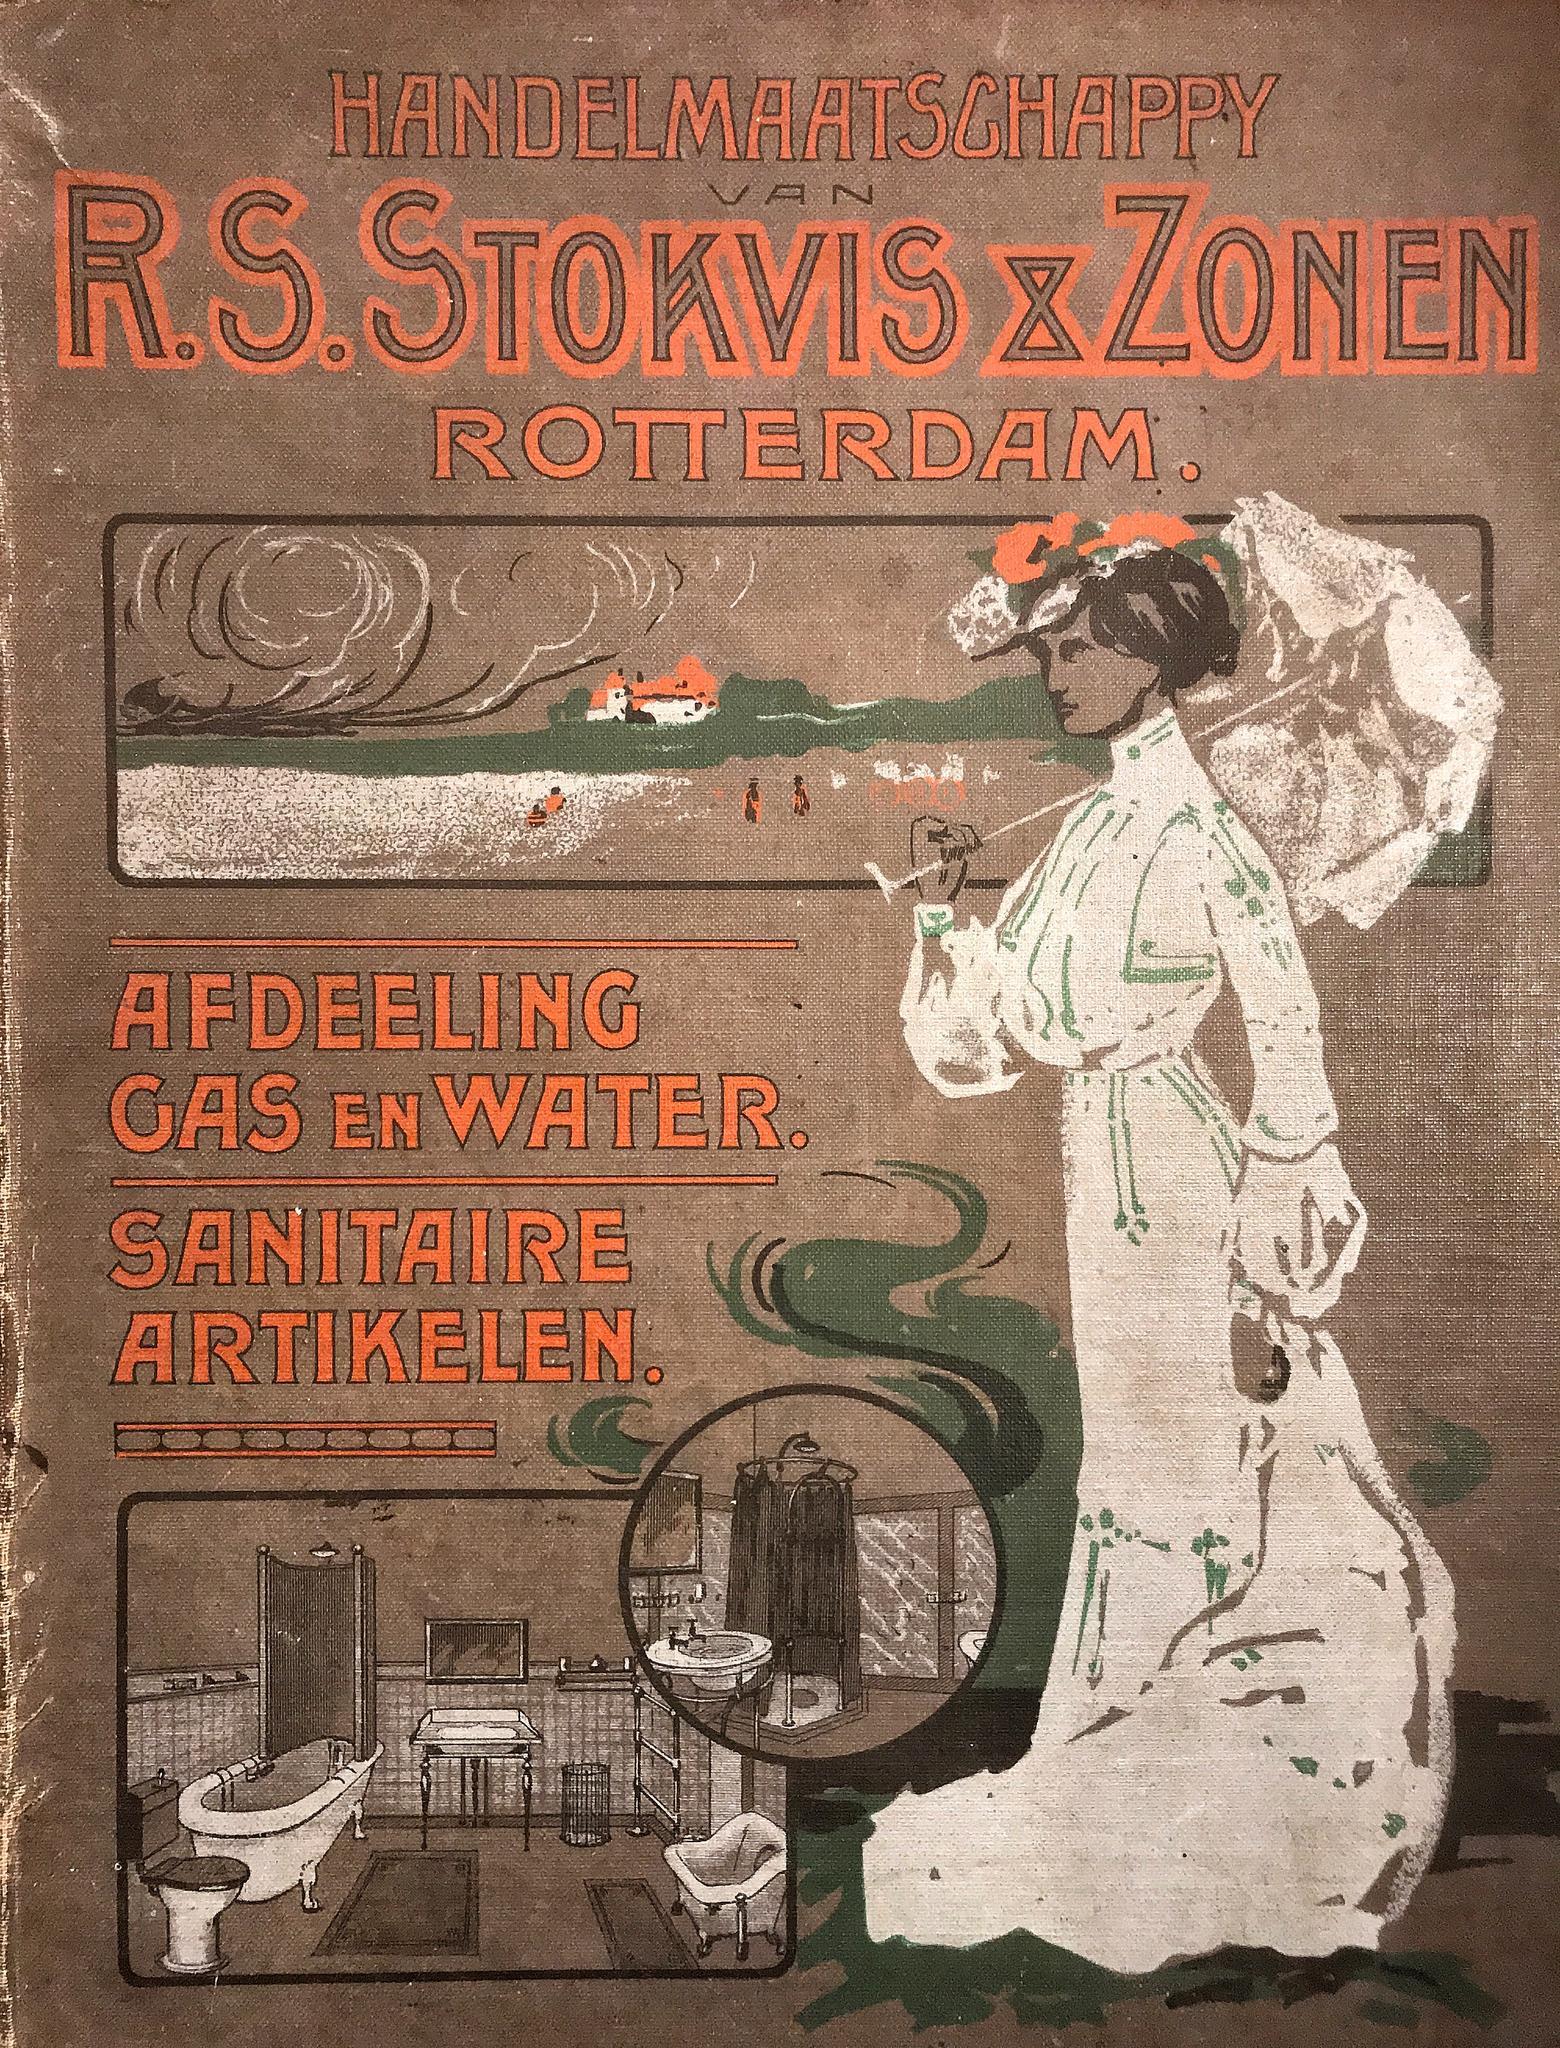 Catalogus van de firma Stokvis ongedateerd, begin 1900